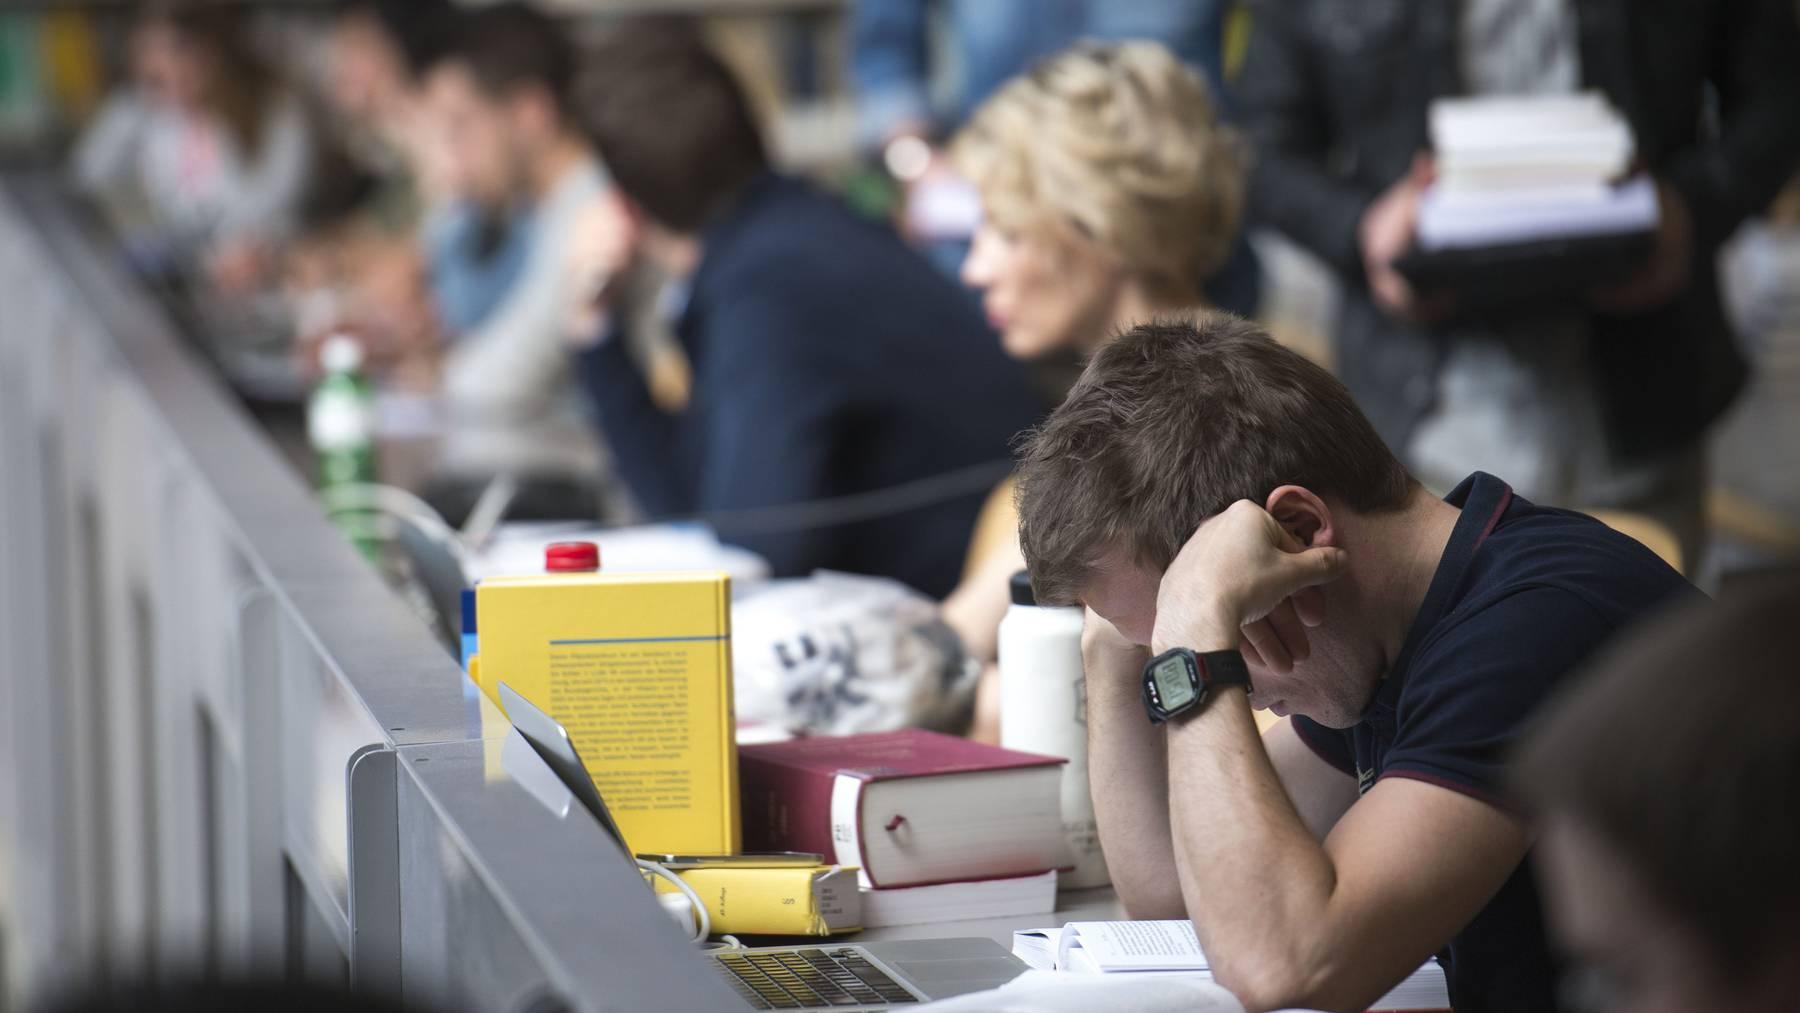 Studenten in der Uni-Bibliothek.